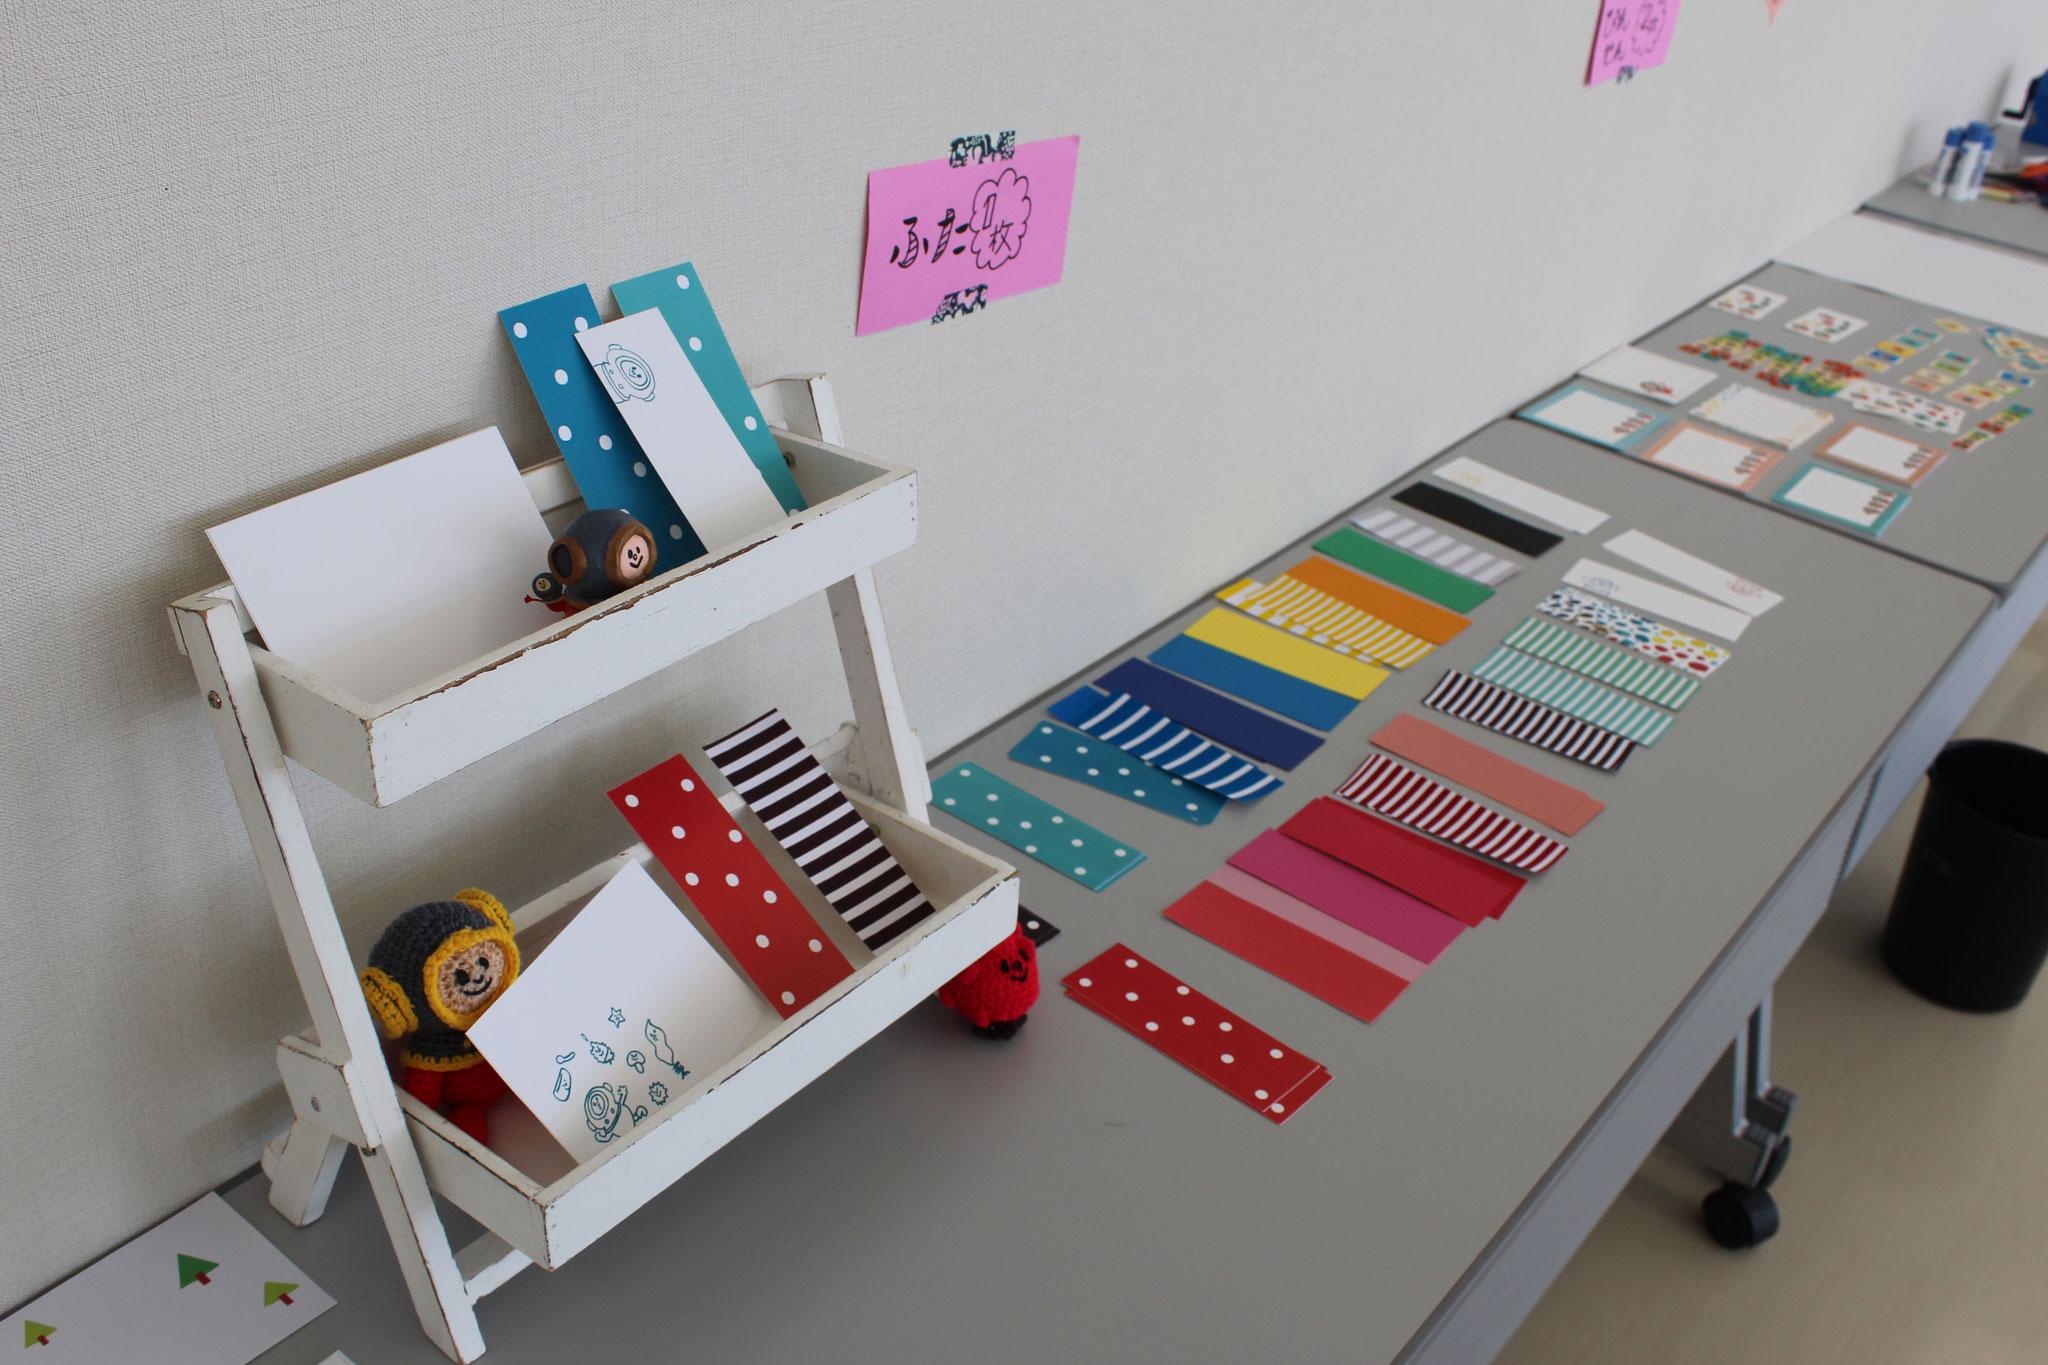 フタは、ドットやストライプのほか、色画用紙など素材感のあるものもご用意しました。